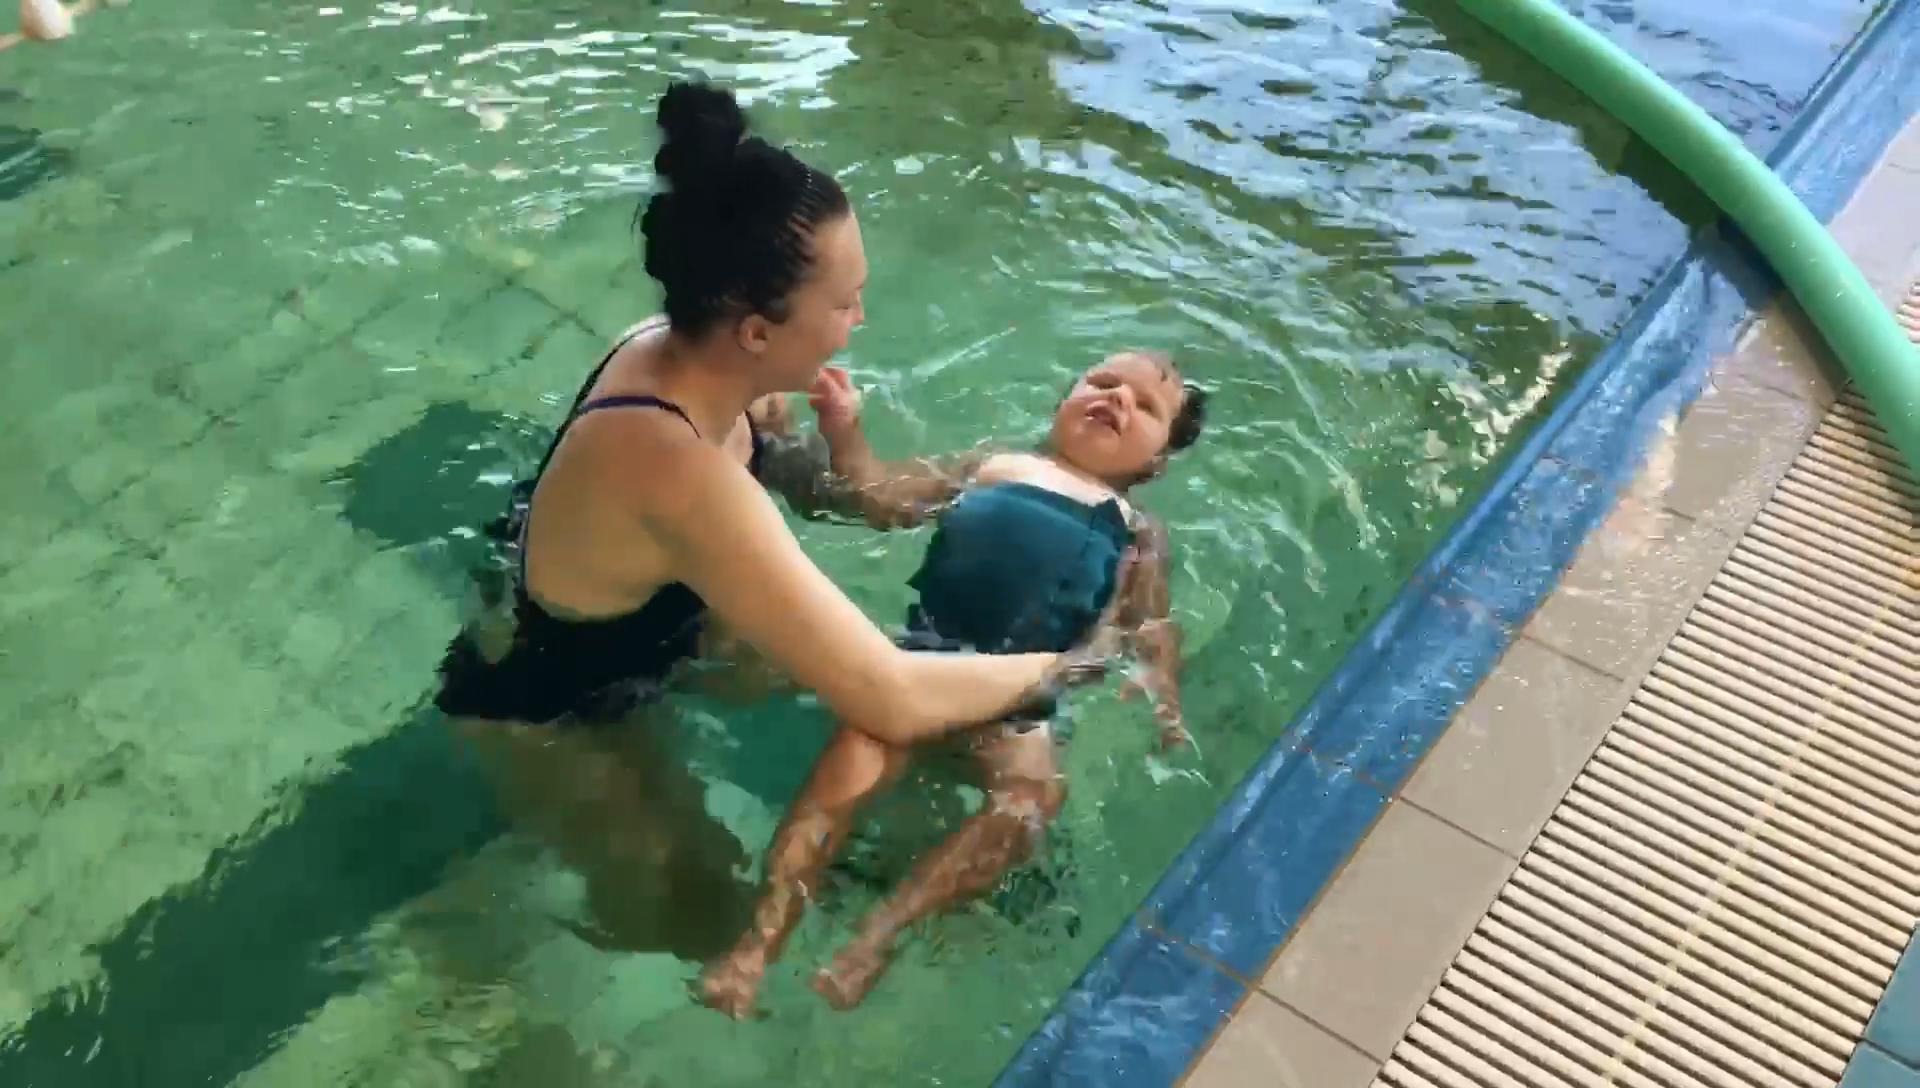 Wielki powrót do terapii w wodzie! :)